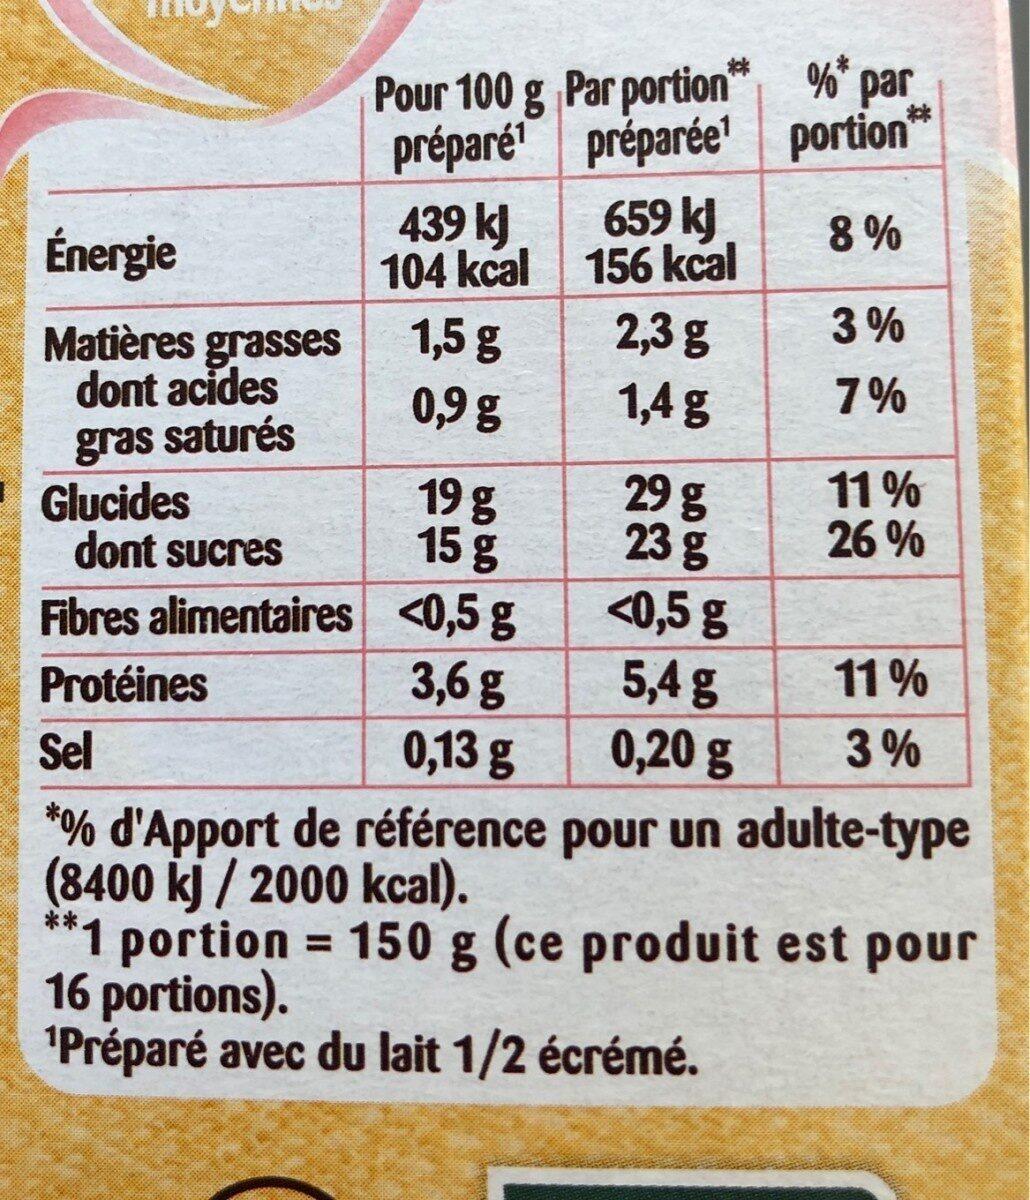 Préparation pour gâteau de semoule - Nutrition facts - fr